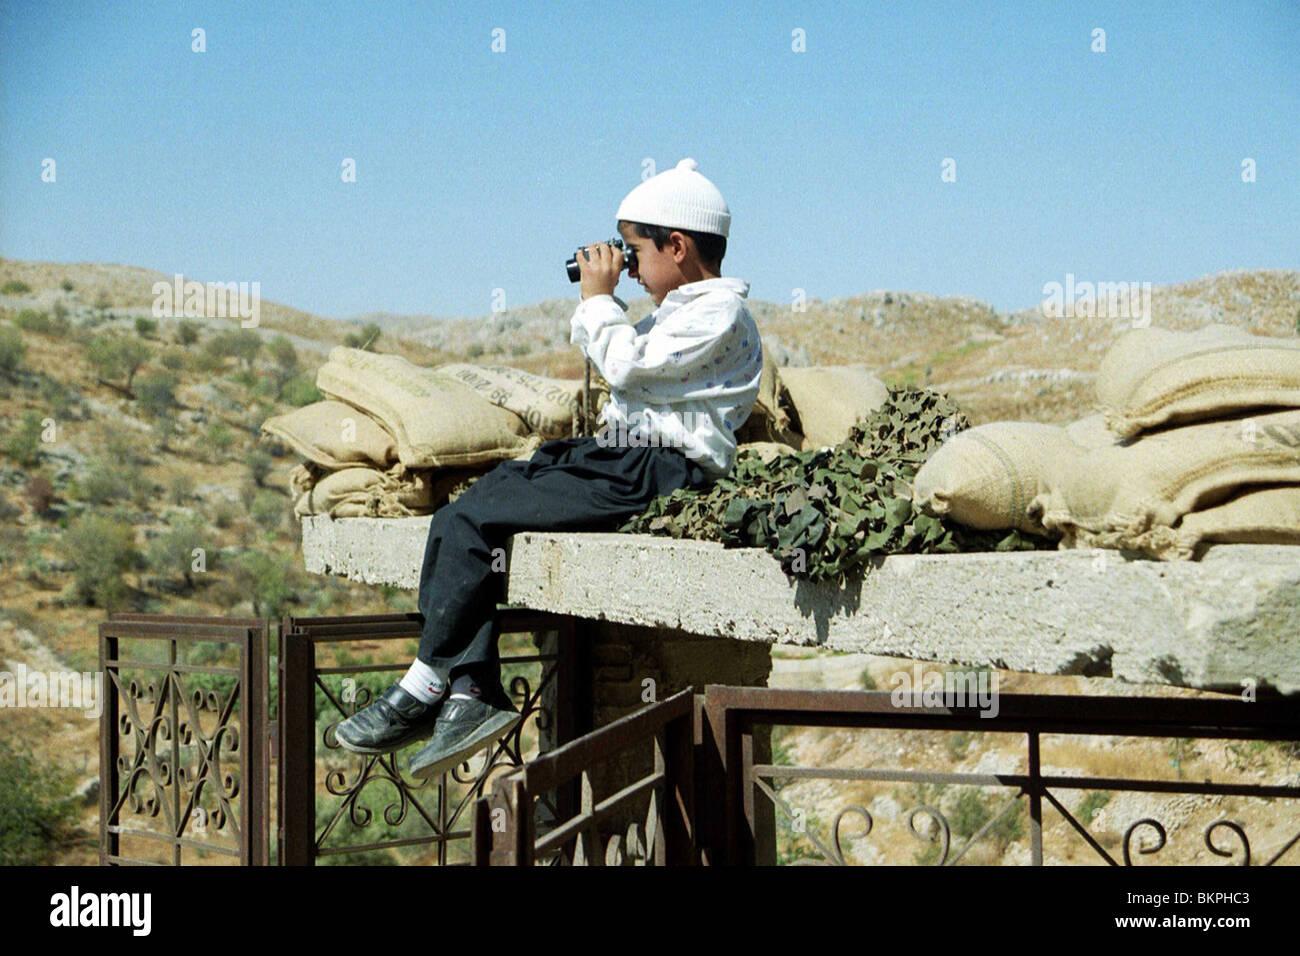 THE KITE RUNNER (2007) MARC FORSTER (DIR) THKI 001 - Stock Image